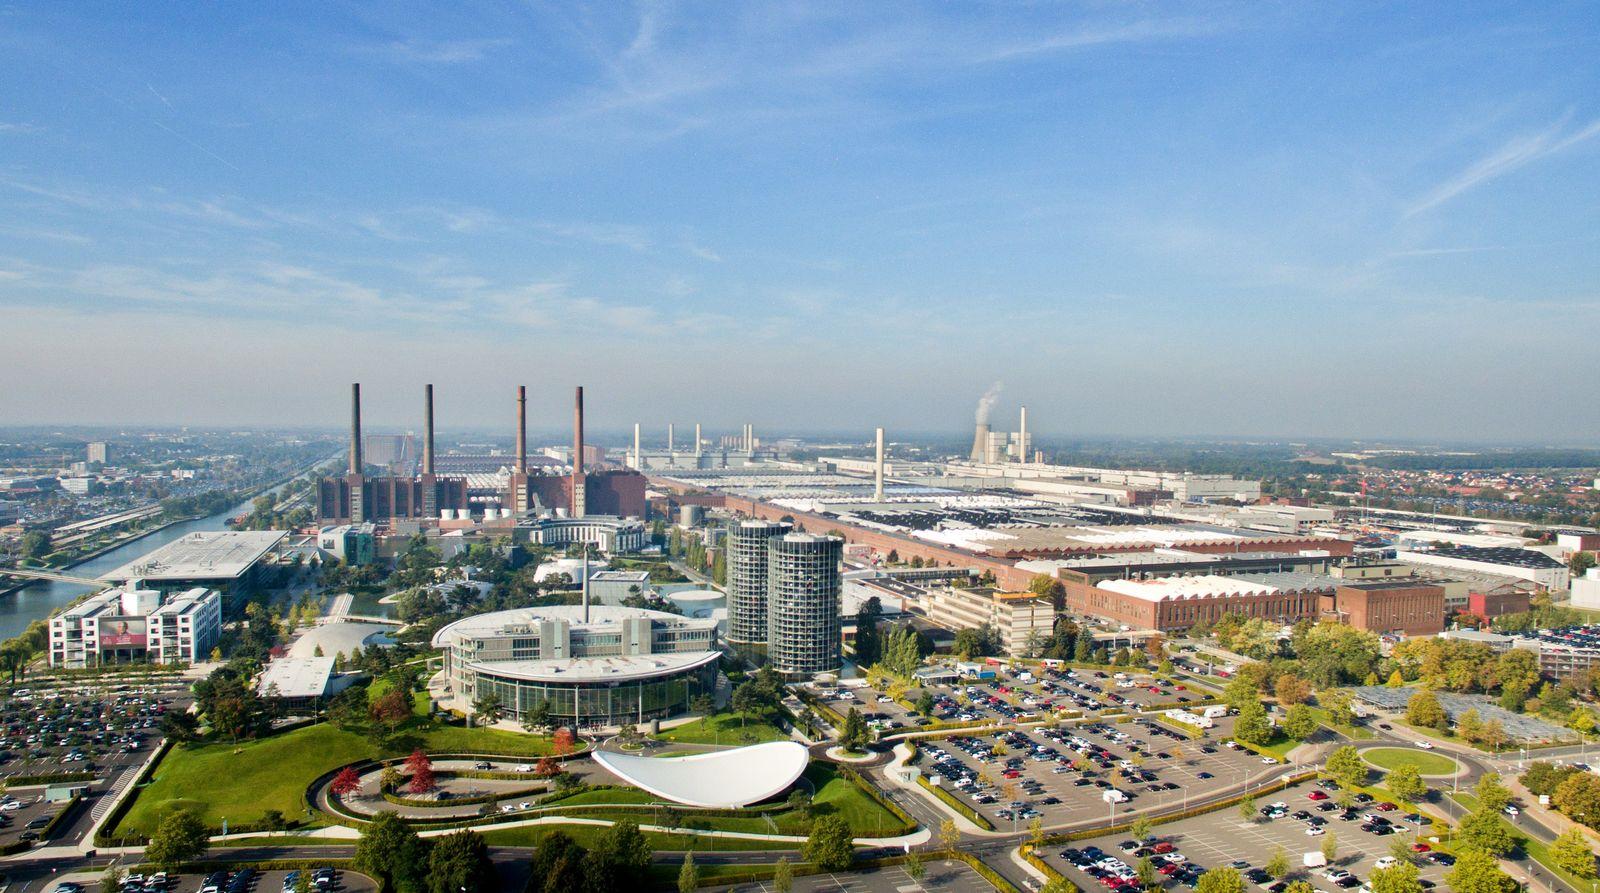 Wolfsburg/ Volkswagen